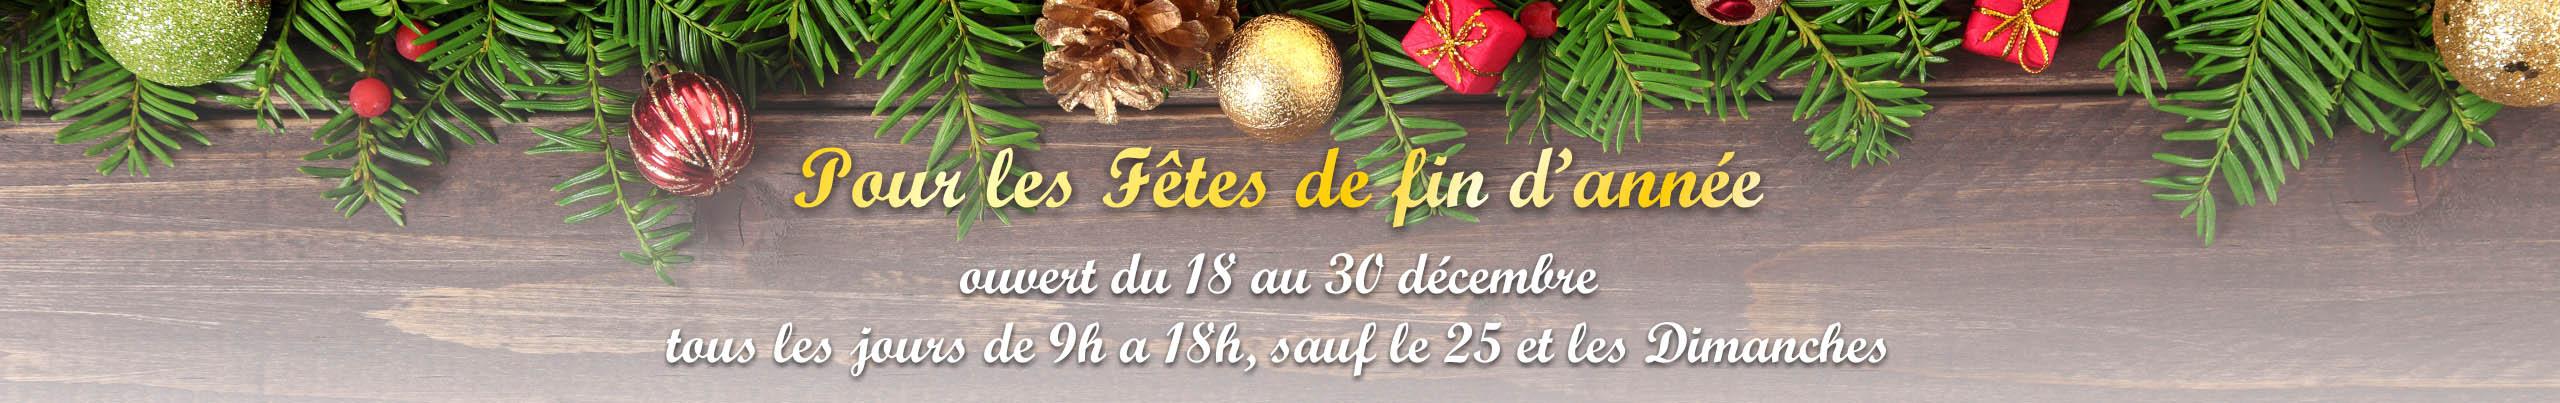 Noël, cadeaux, calvados, bruyères carré, moyaux